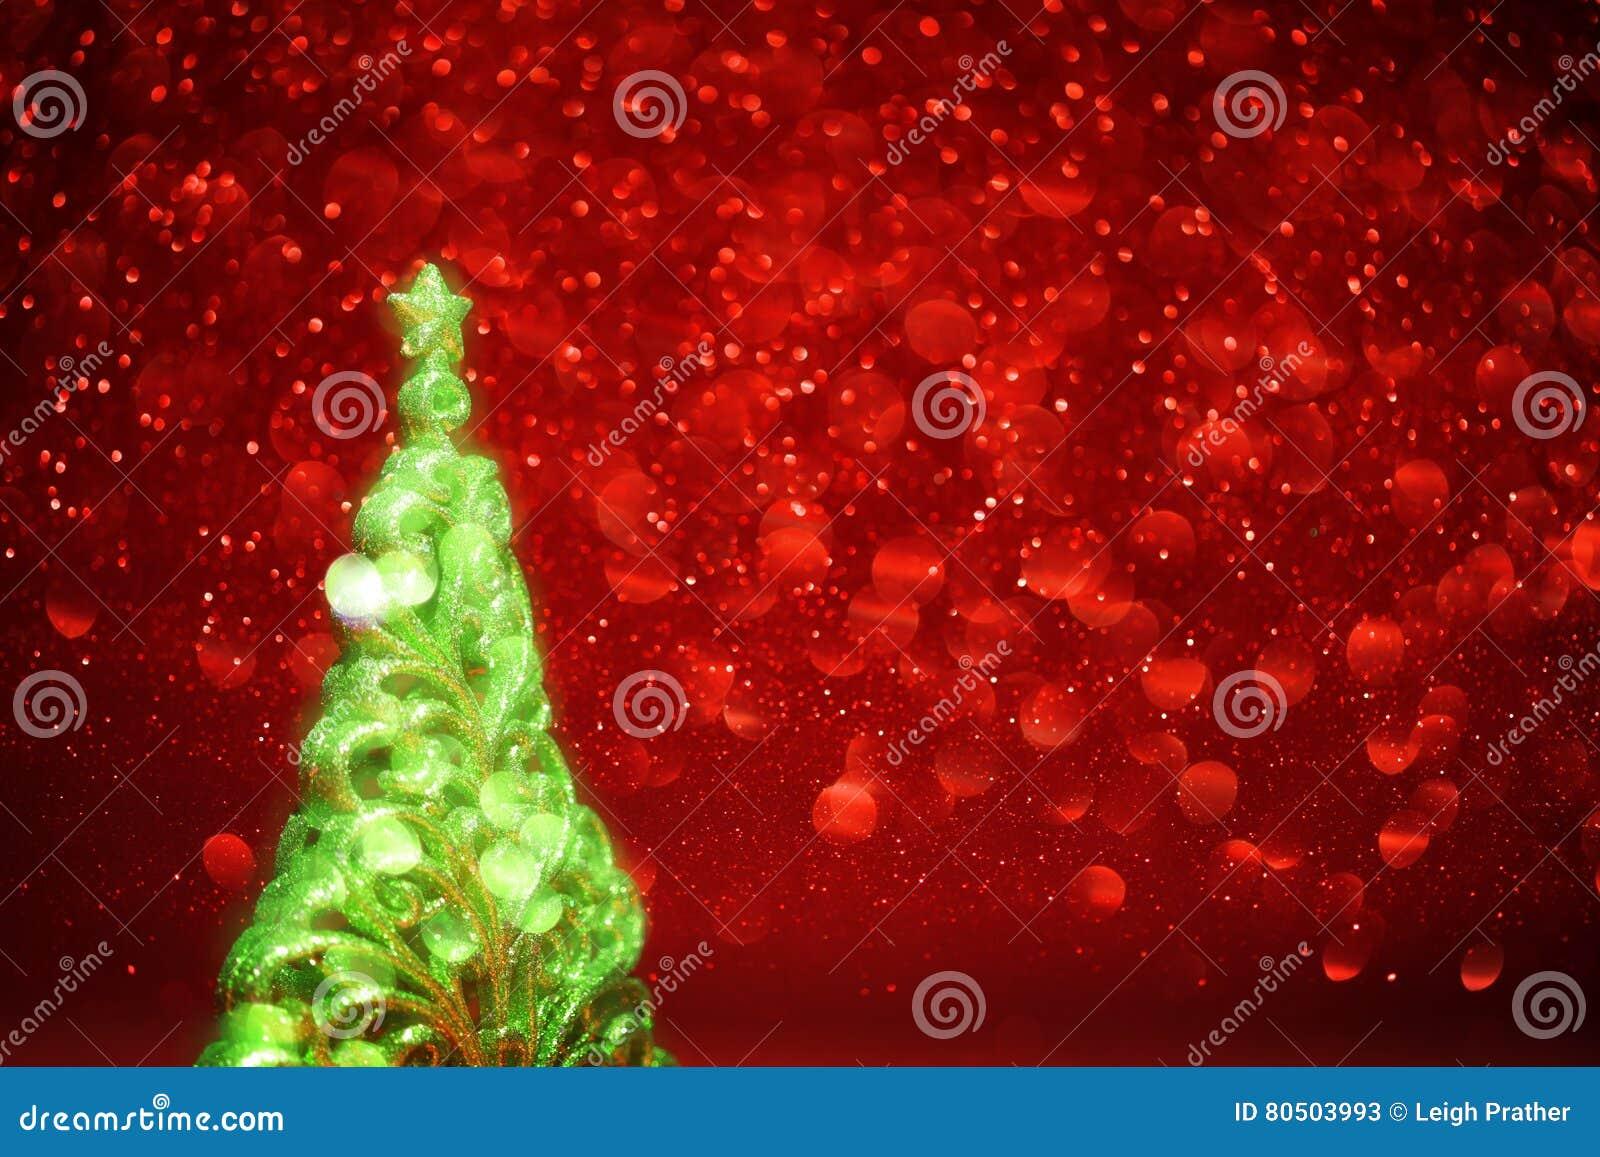 Árbol de navidad que brilla intensamente y backgro abstracto de las luces rojas